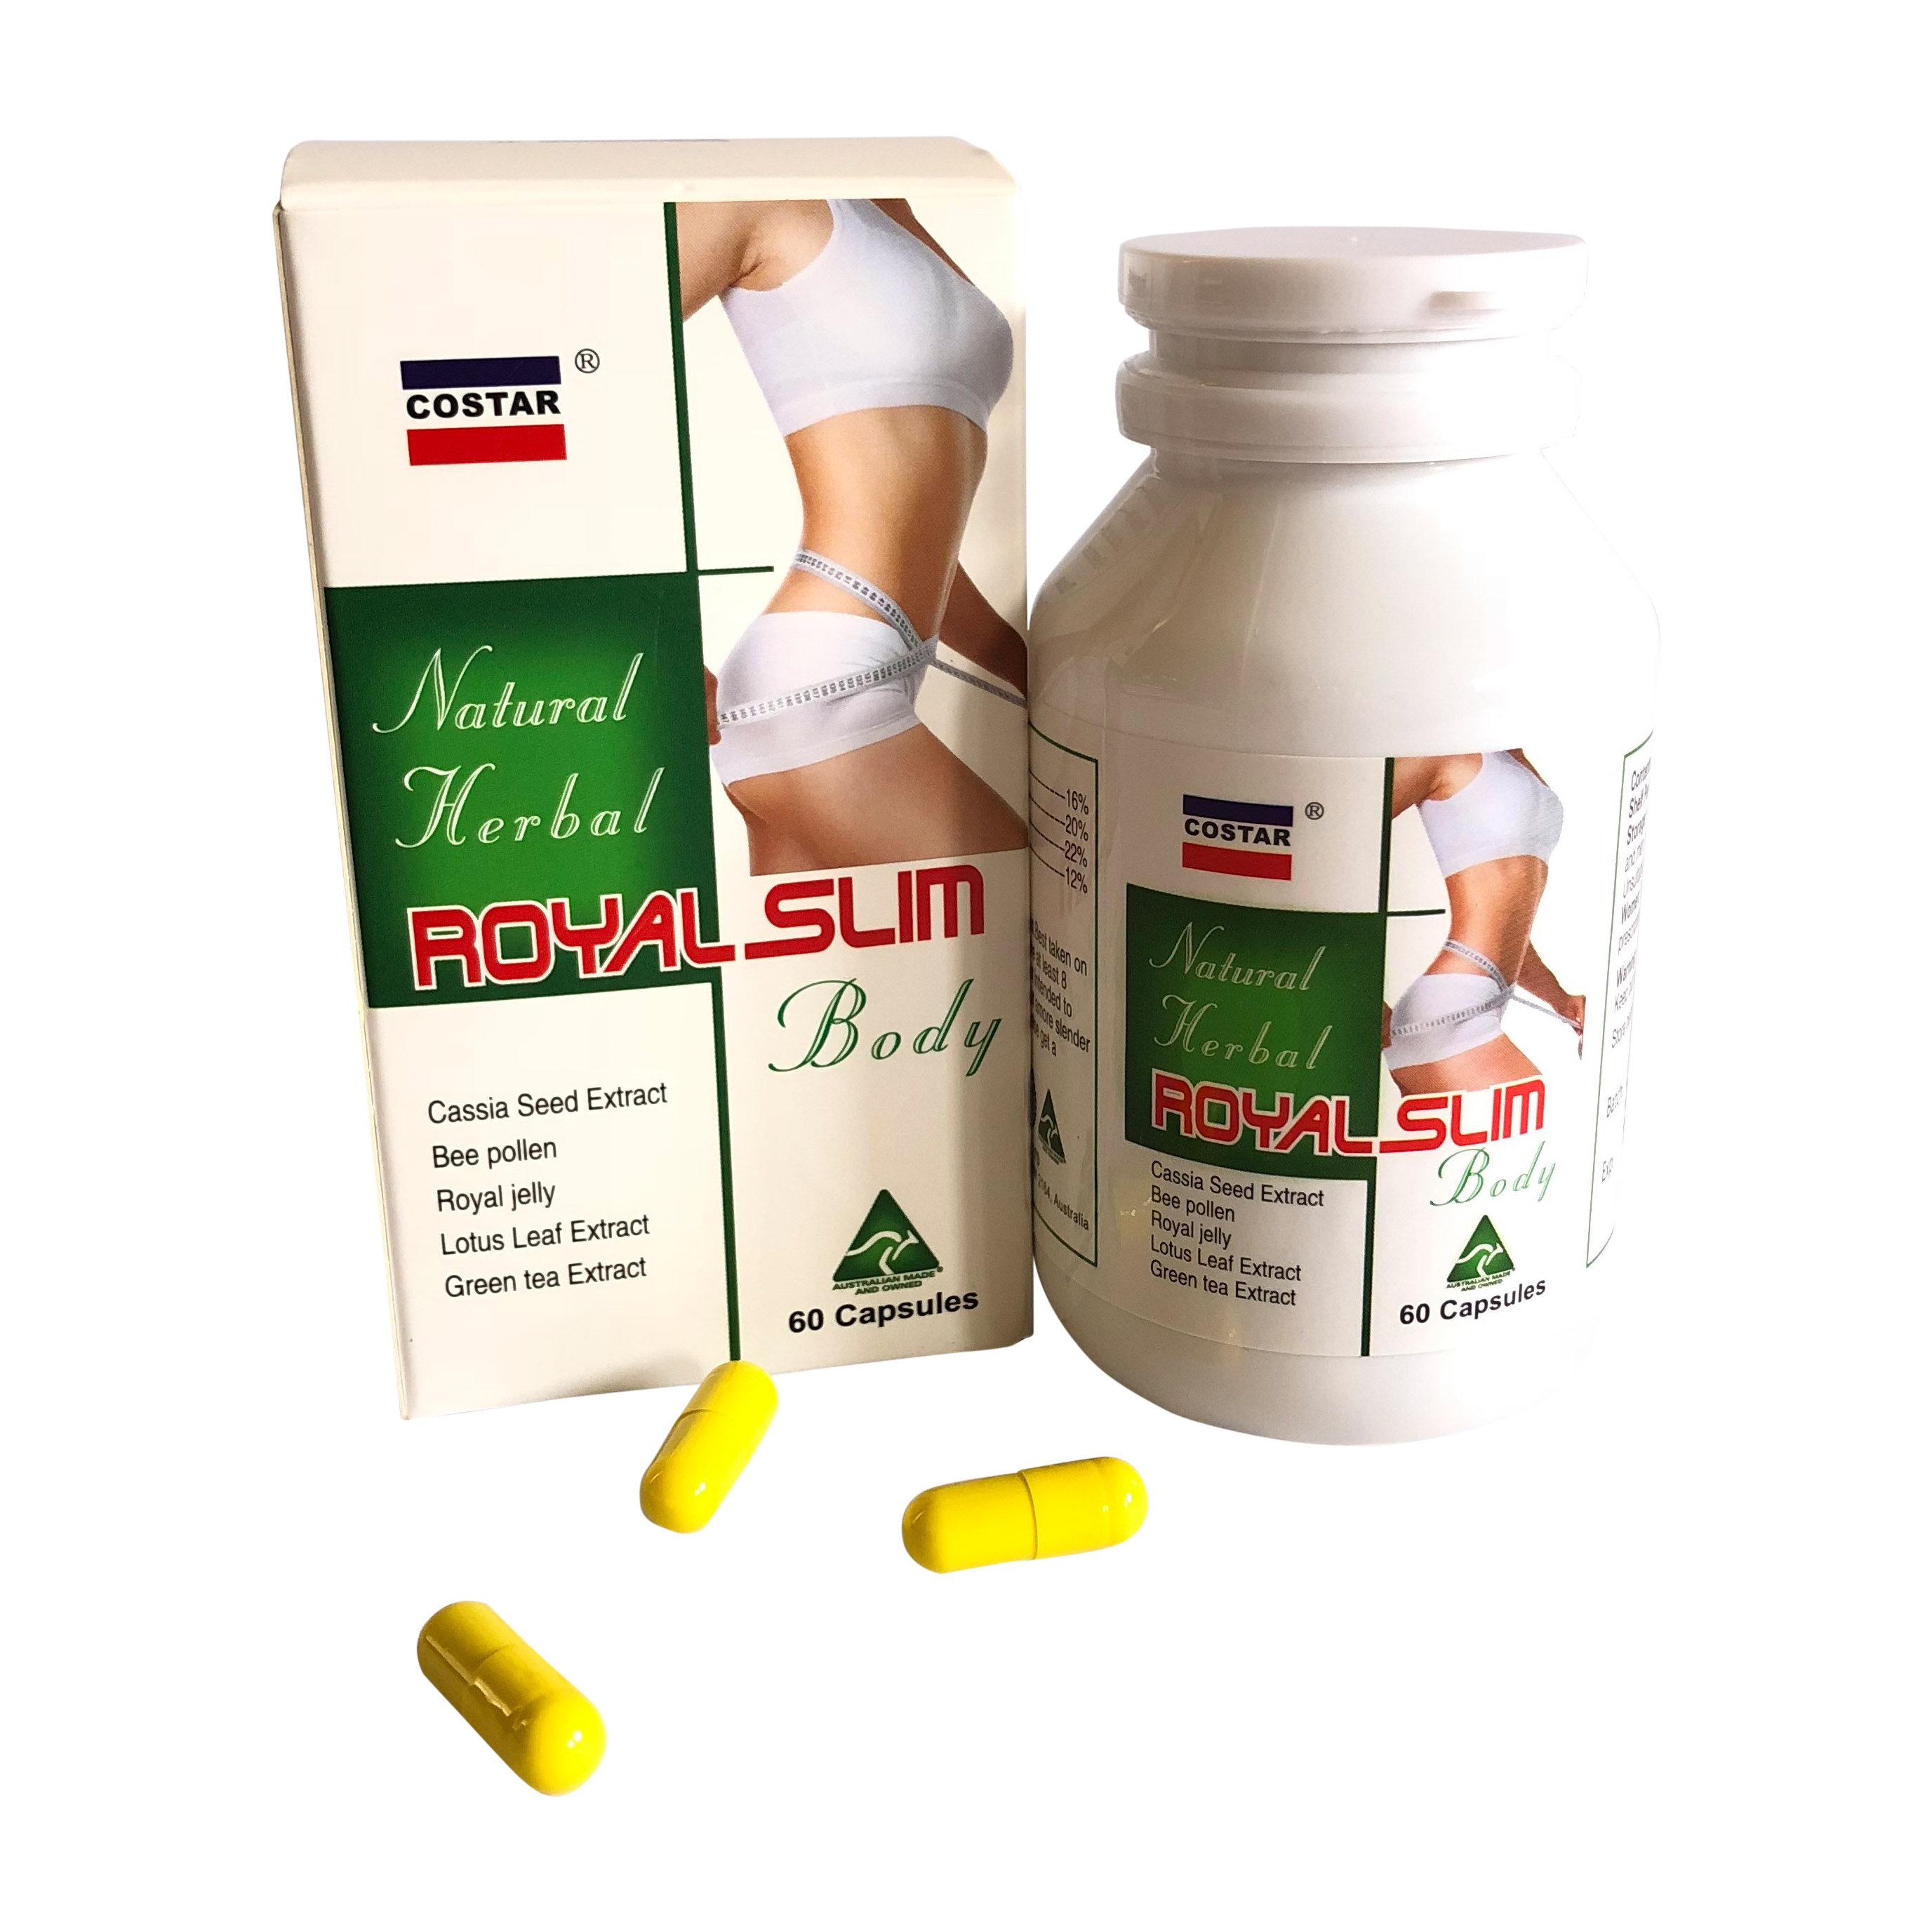 Costar Royal Slim Body Tablets Healthyfoodandnuts